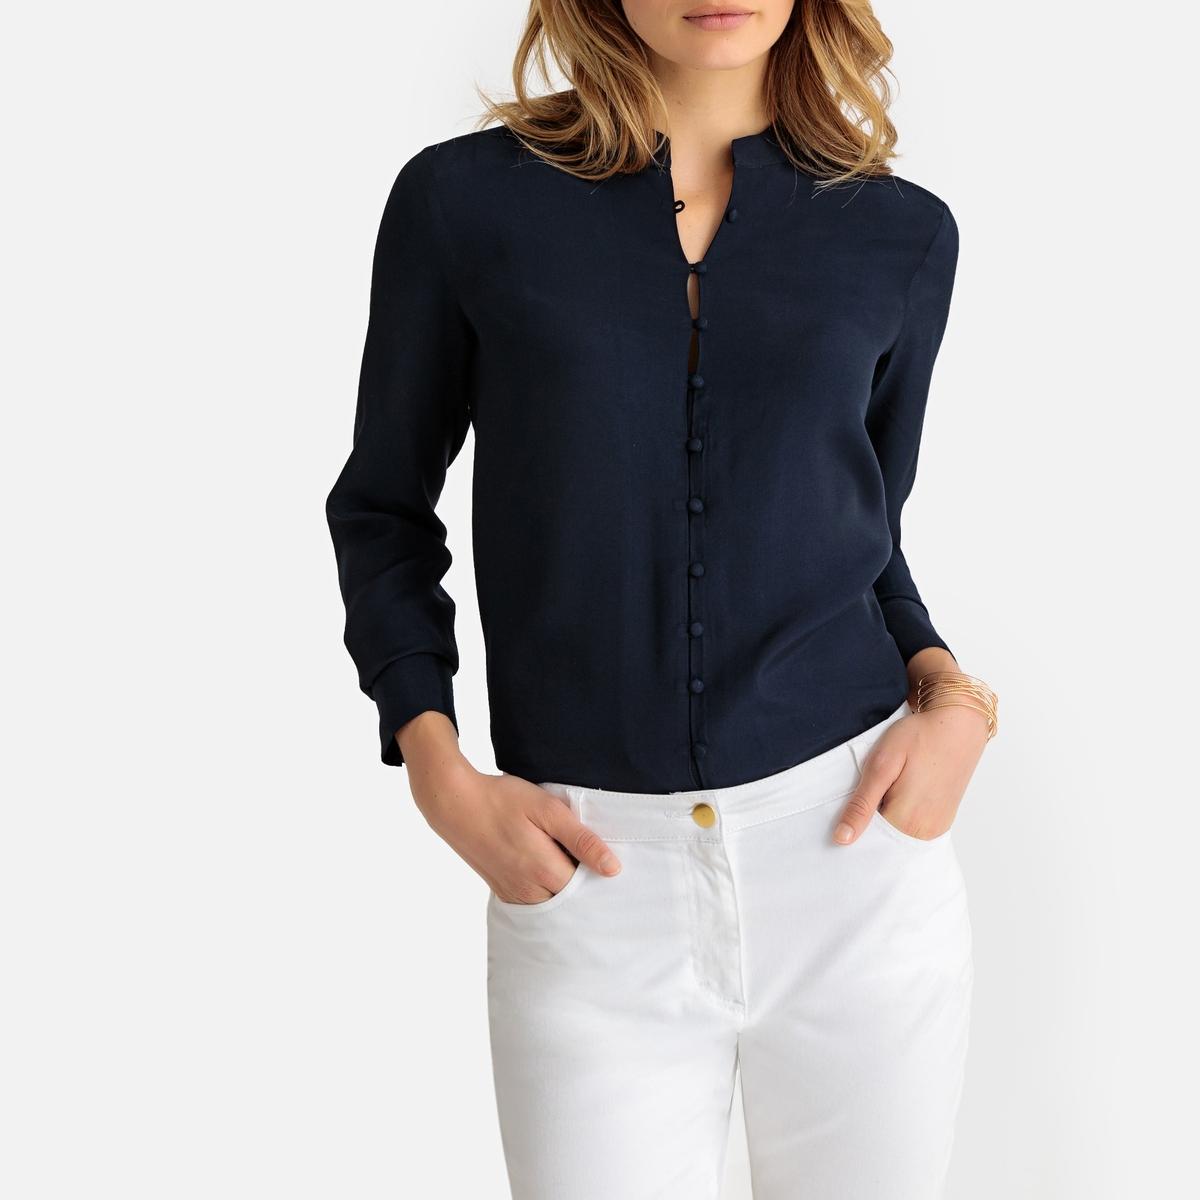 Imagen principal de producto de Camisa con cuello mao, manga larga - Anne weyburn